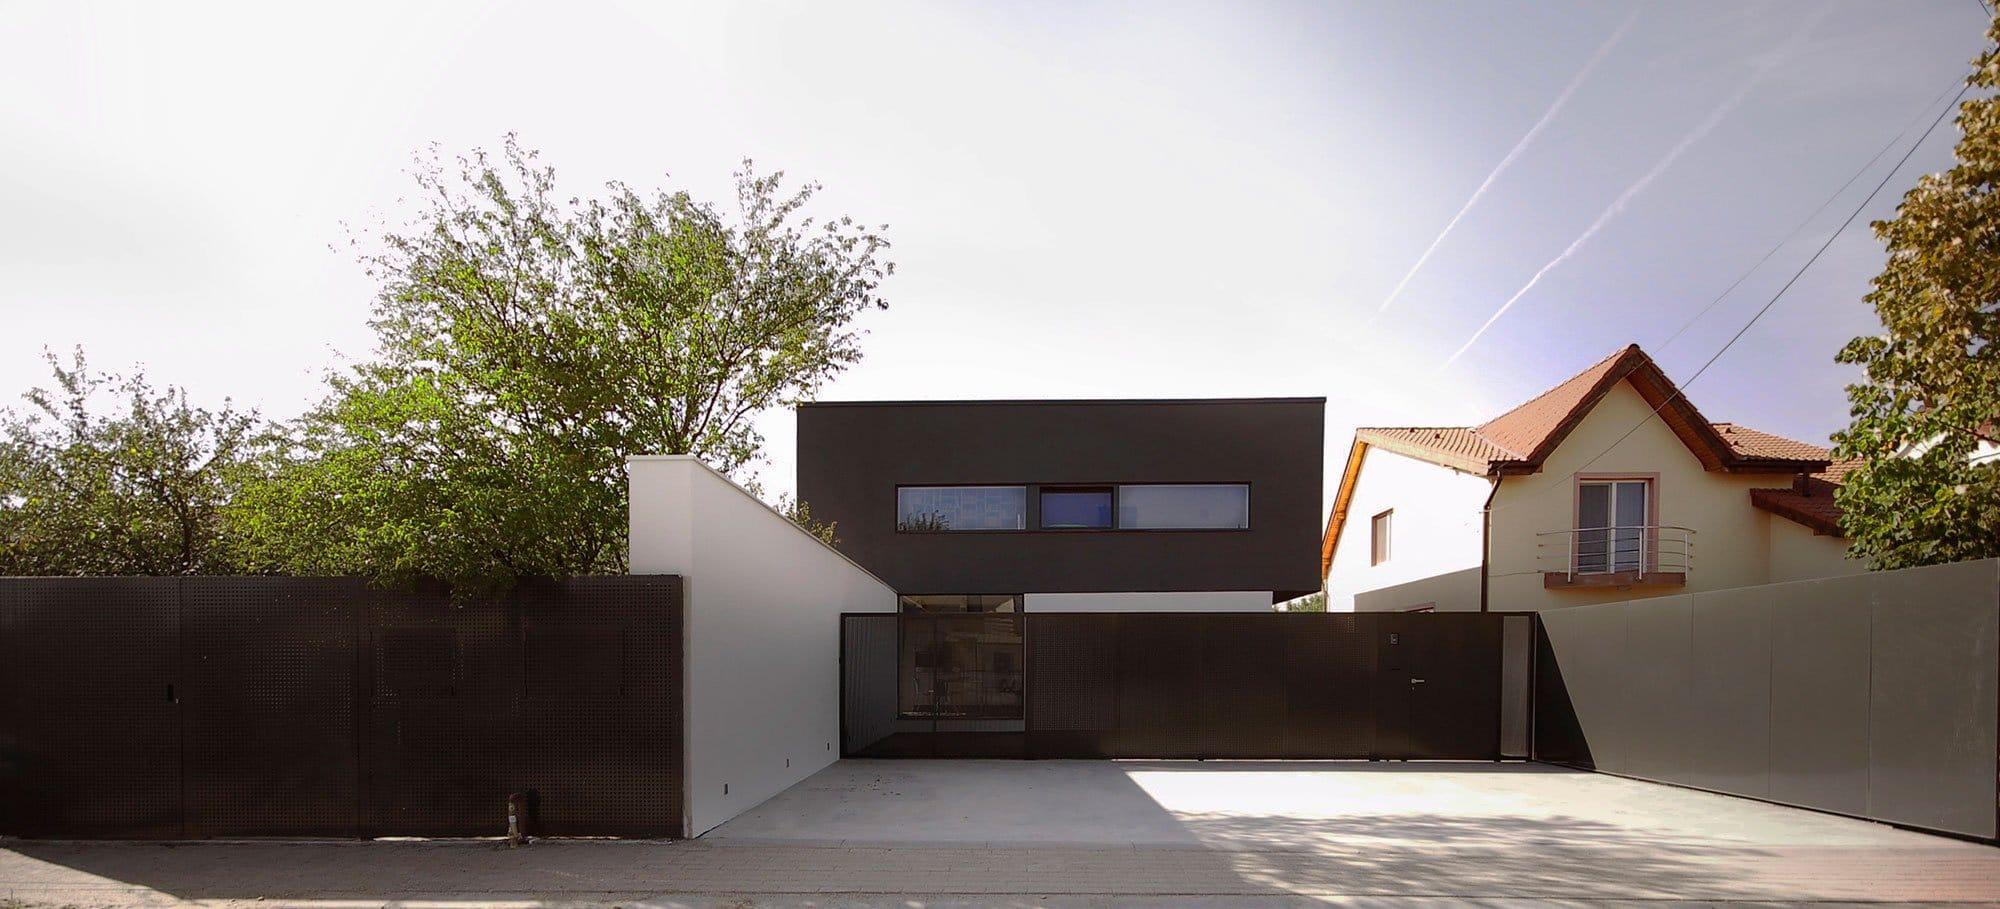 Dise o de casa moderna de dos plantas construye hogar for Pisos pintados modernos